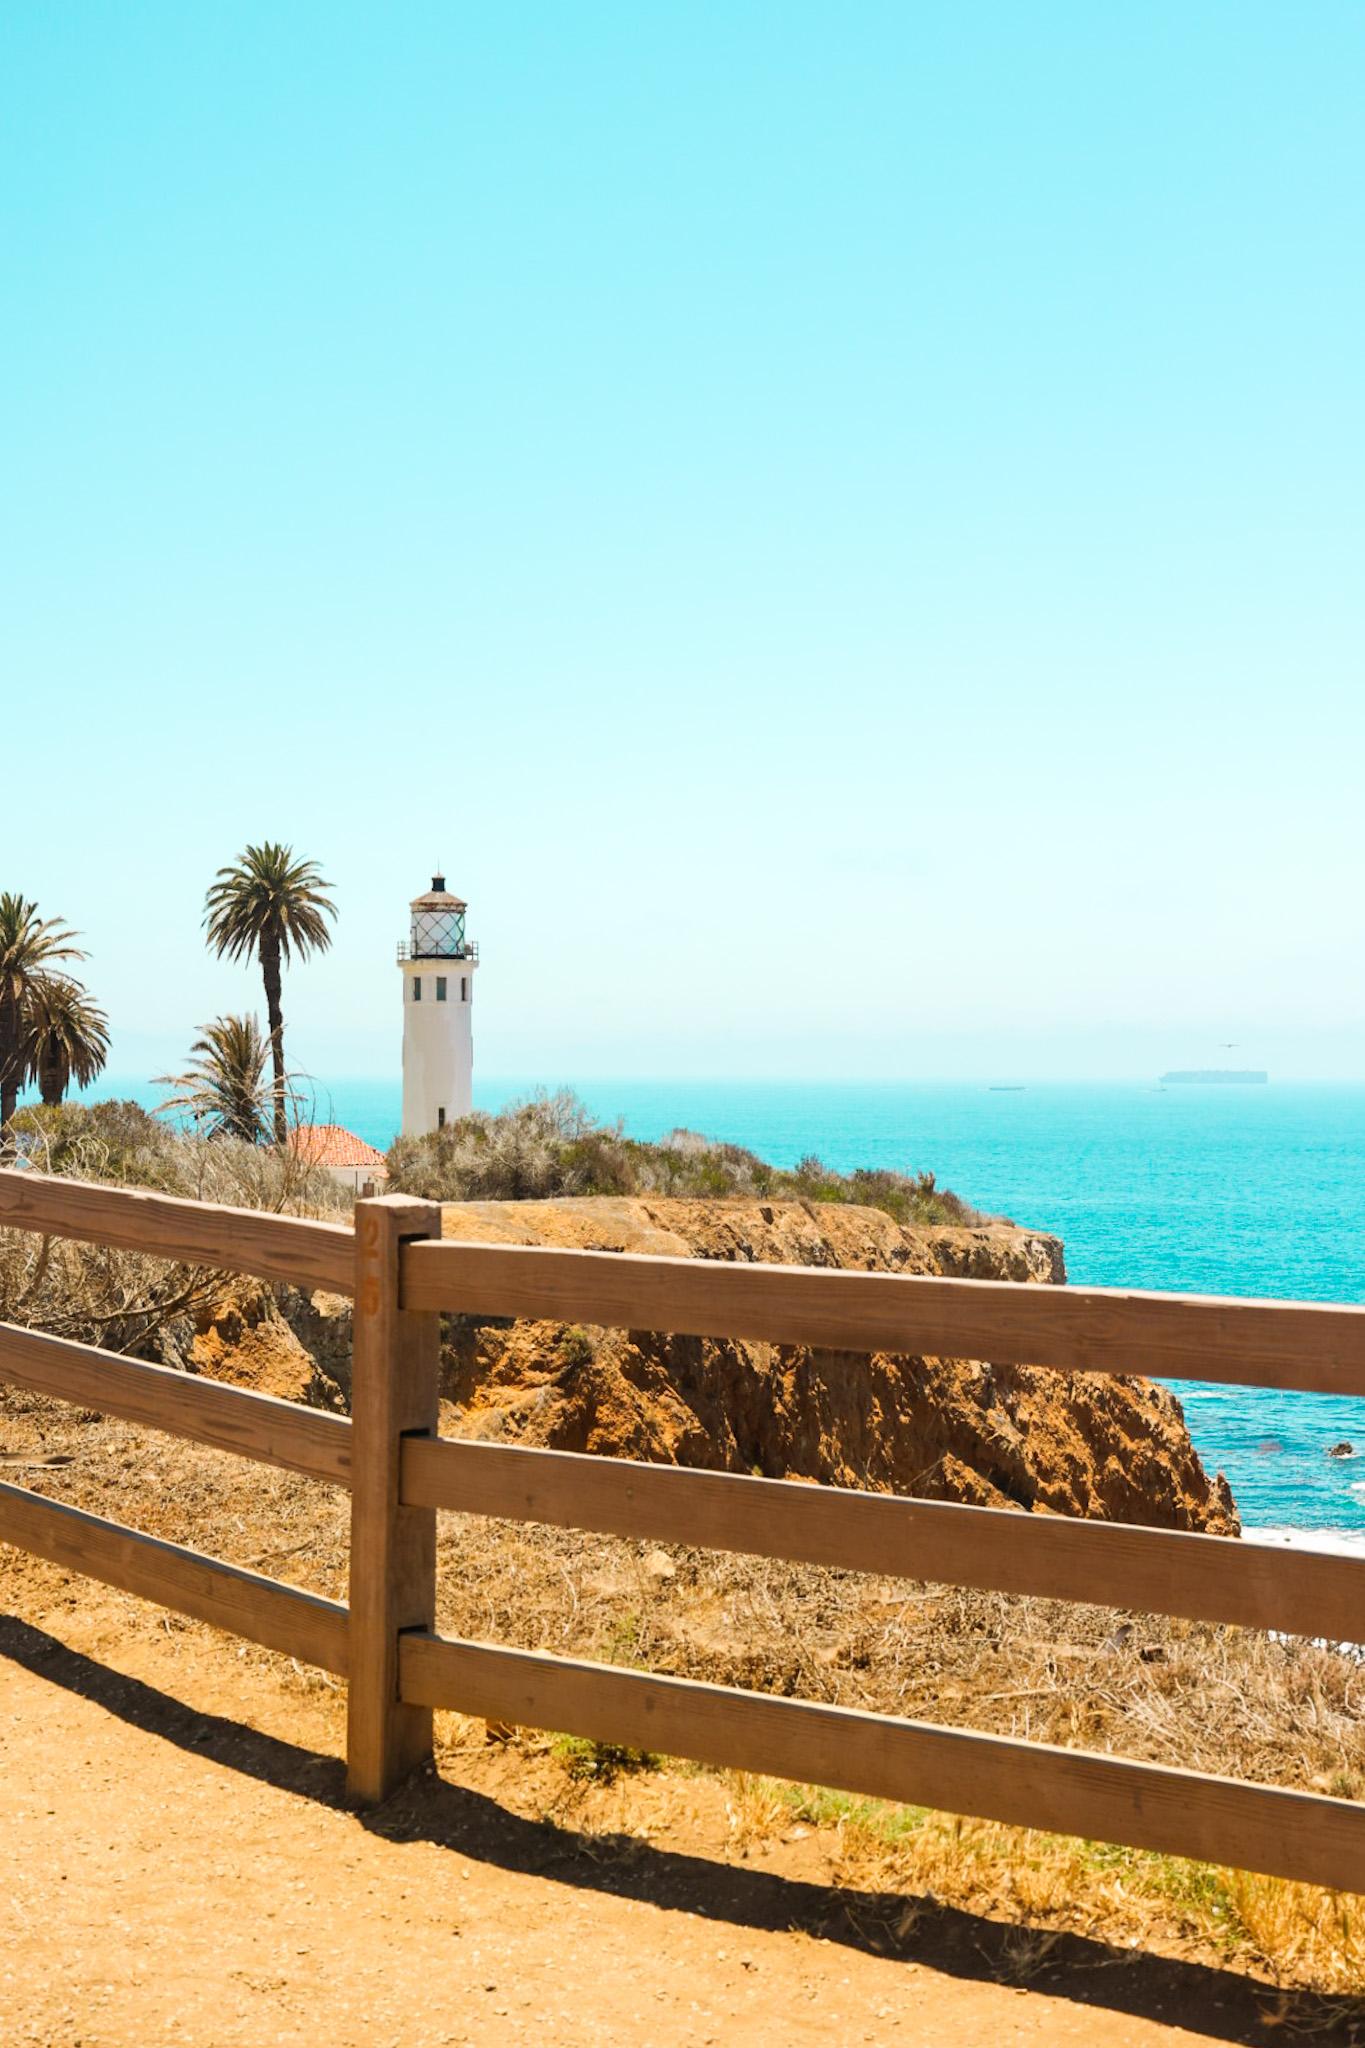 point vincente lighthouse palos verdes